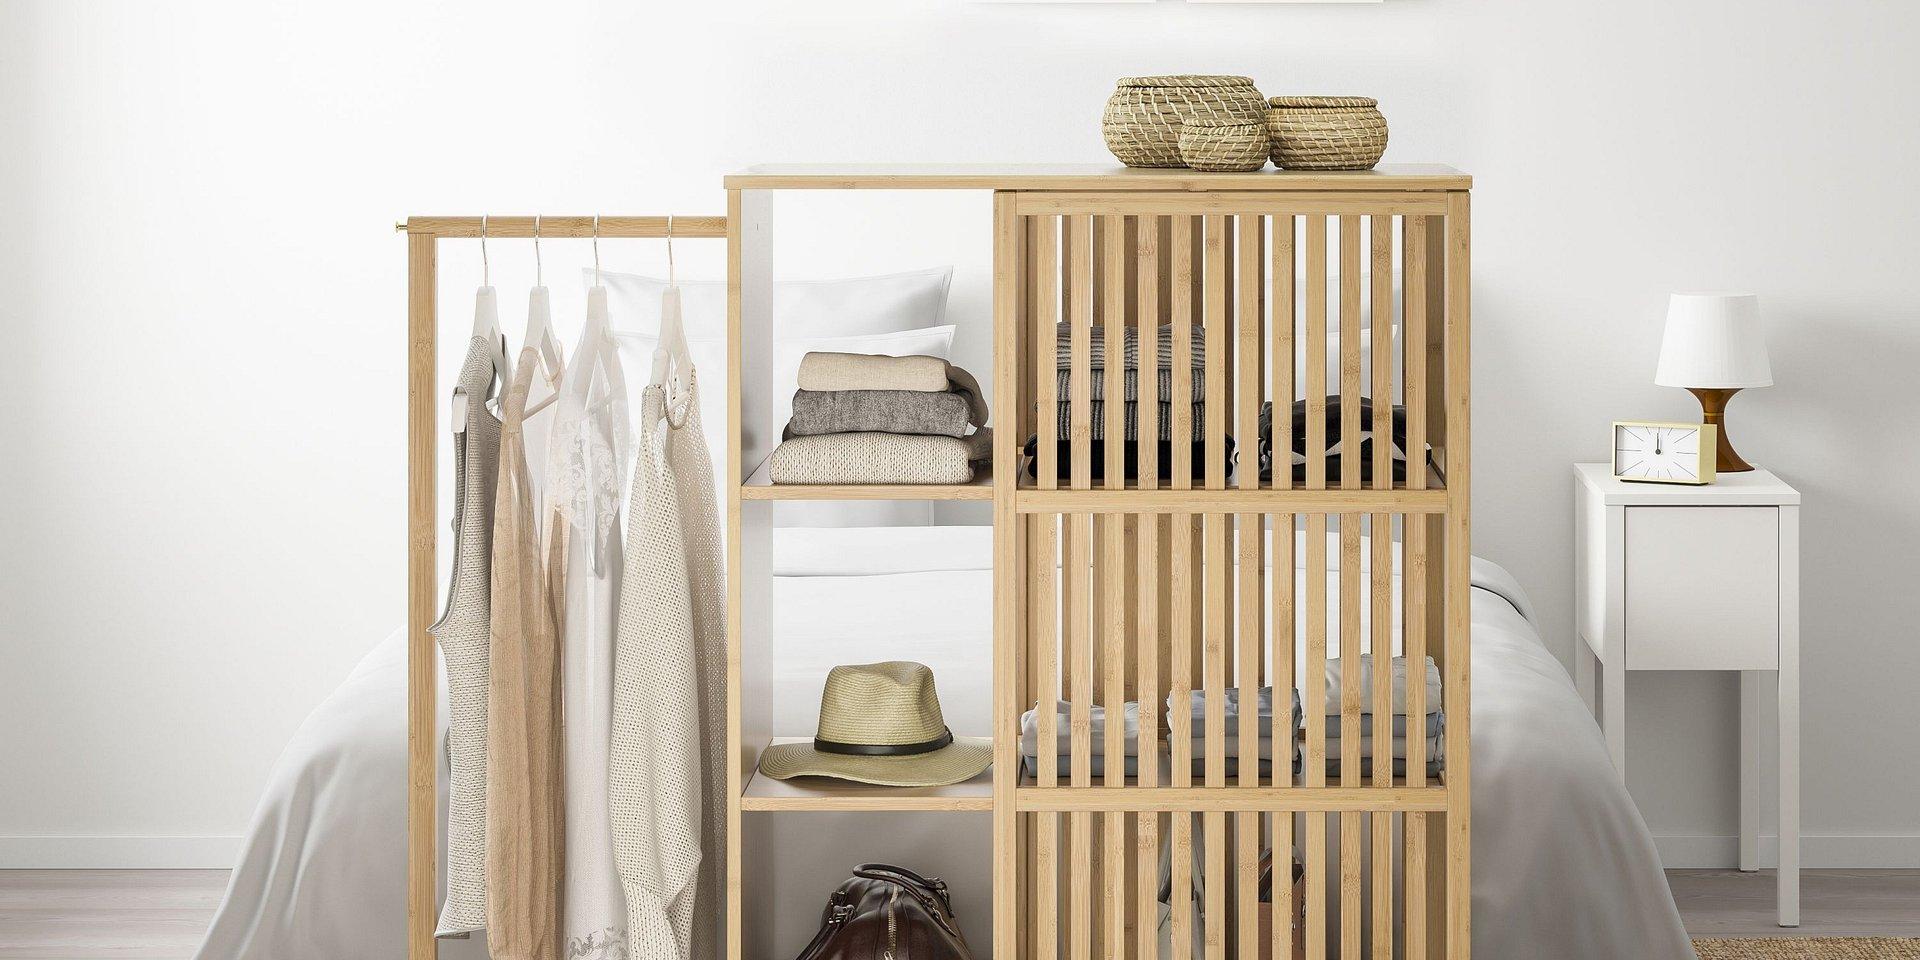 W sezonie jesienno-zimowym postaw na skandynawskie korzenie oraz minimalistyczny, funkcjonalny wystrój dzięki nowościom od IKEA